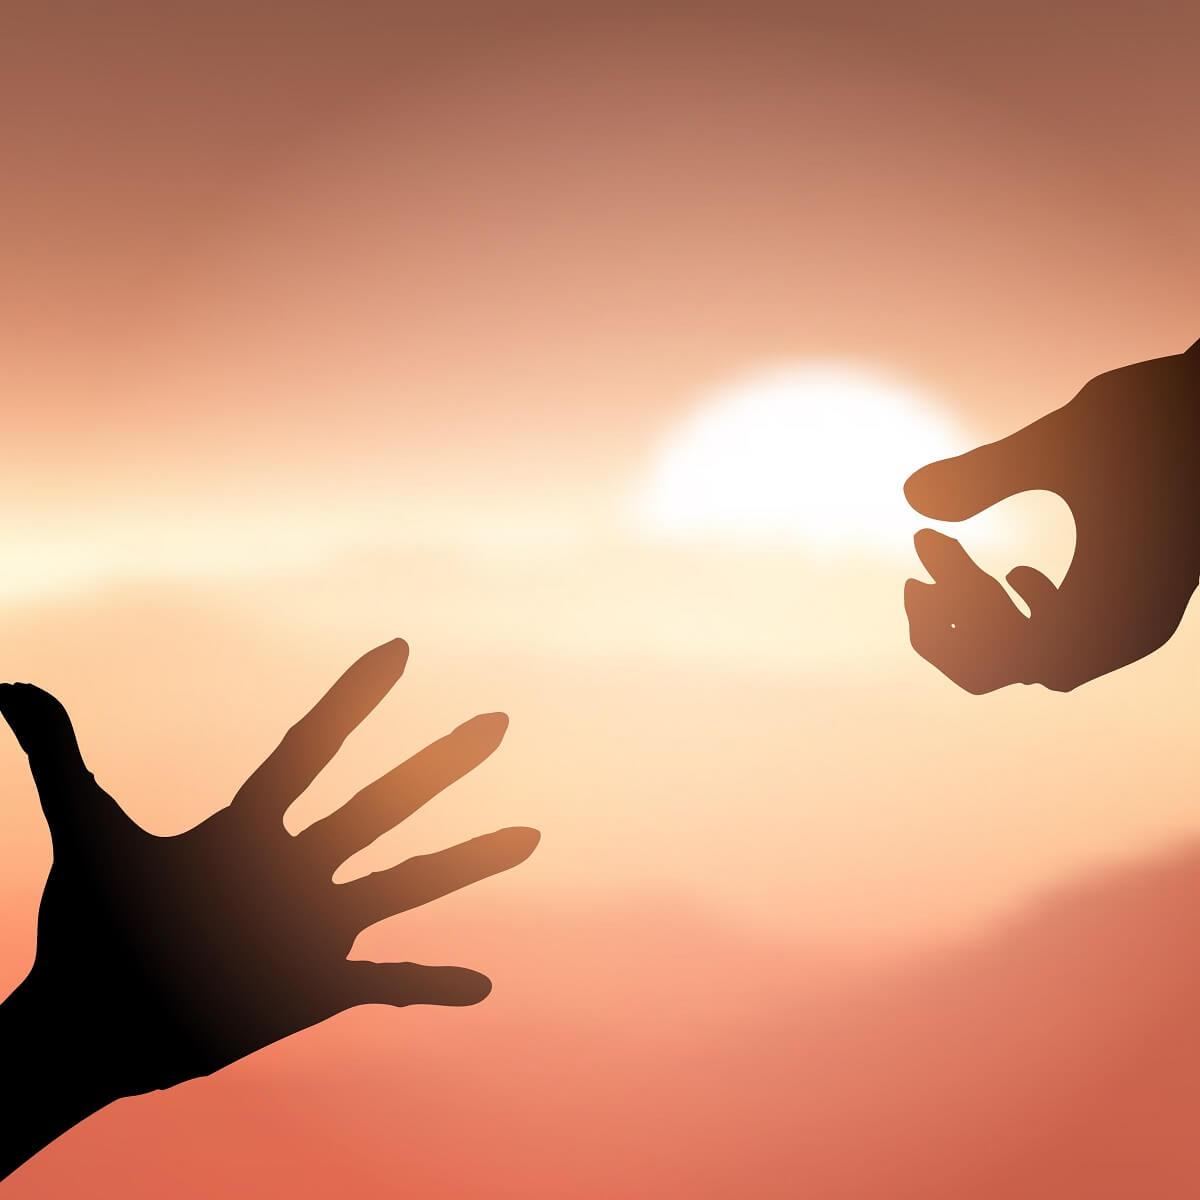 手を差し伸べている様子。